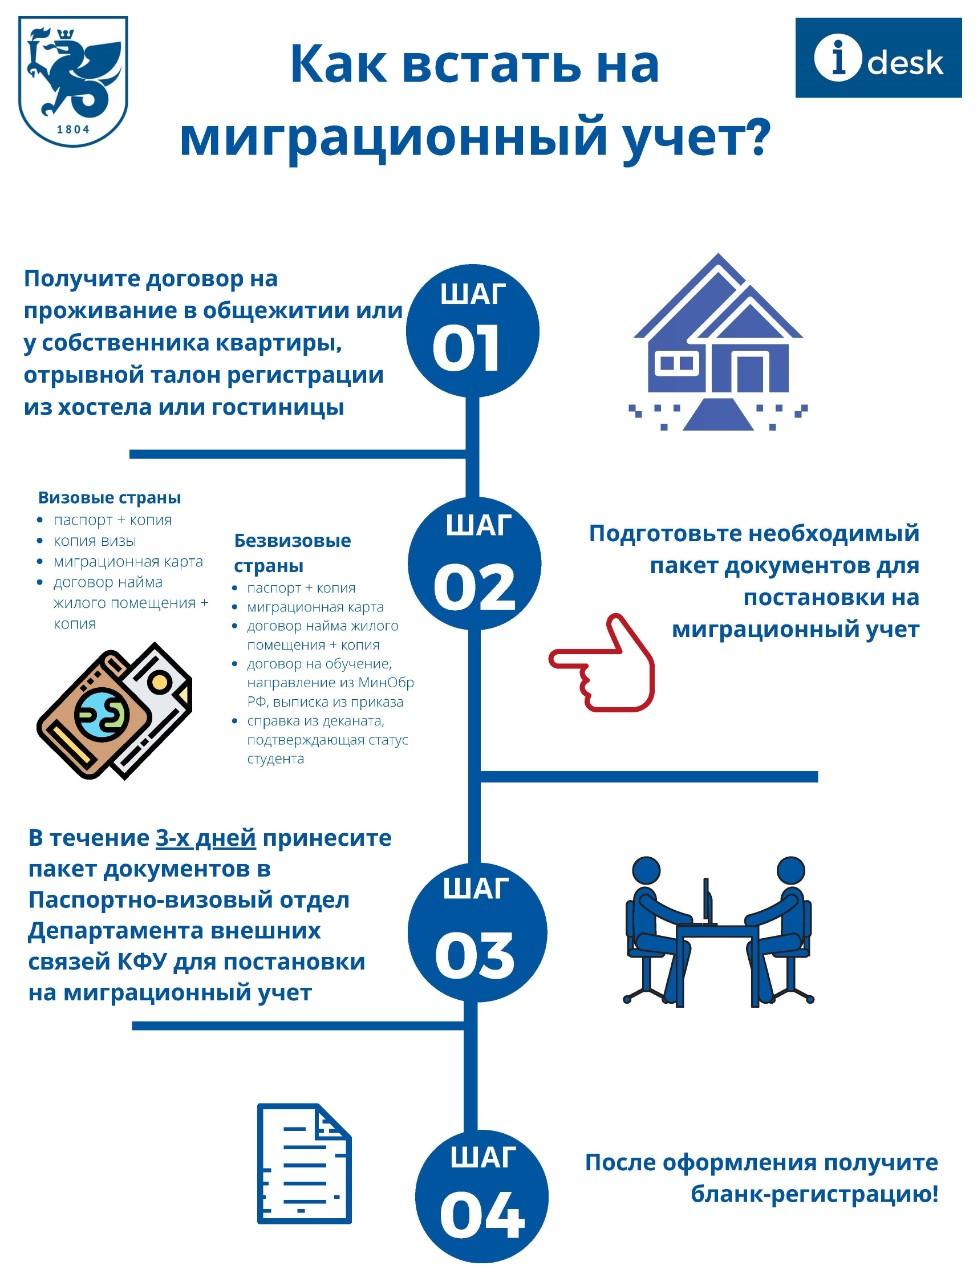 ПОРТАЛ КФУ \ Международная деятельность \ Миграционное сопровождение иностранных граждан \ Миграционный учёт - визовый въезд